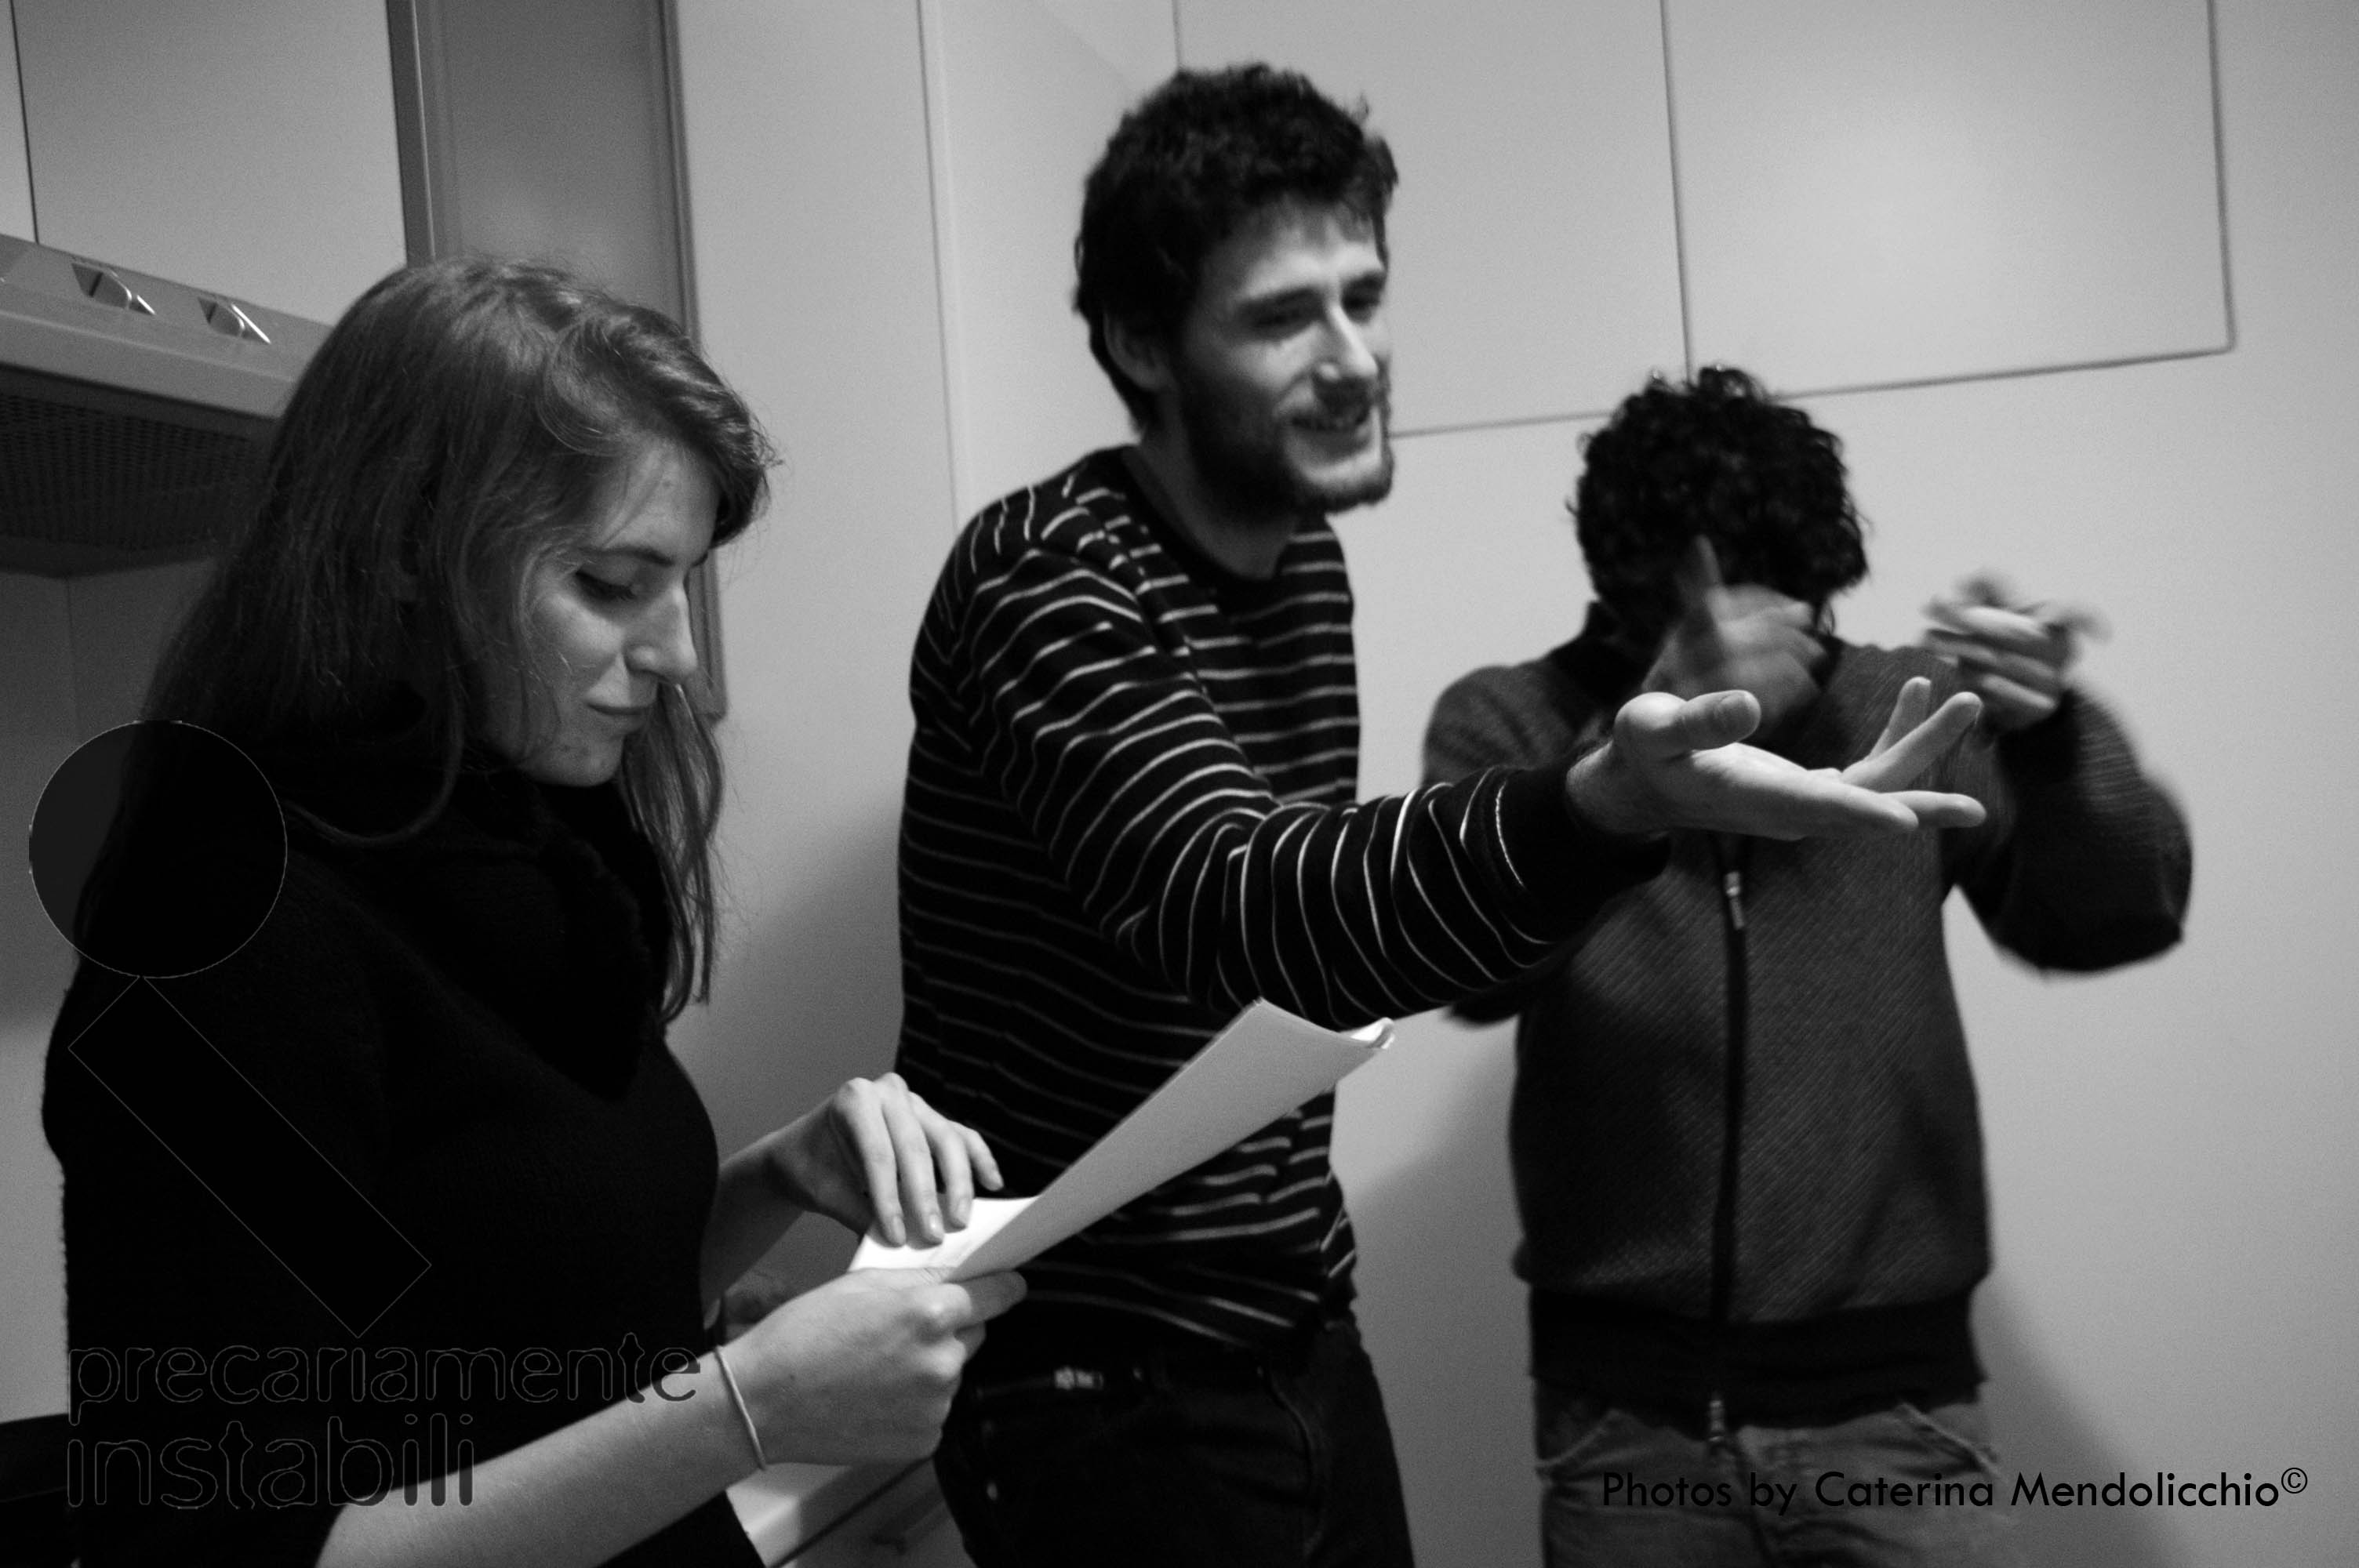 Precariamente instabili - regia di Luigi Scaglione